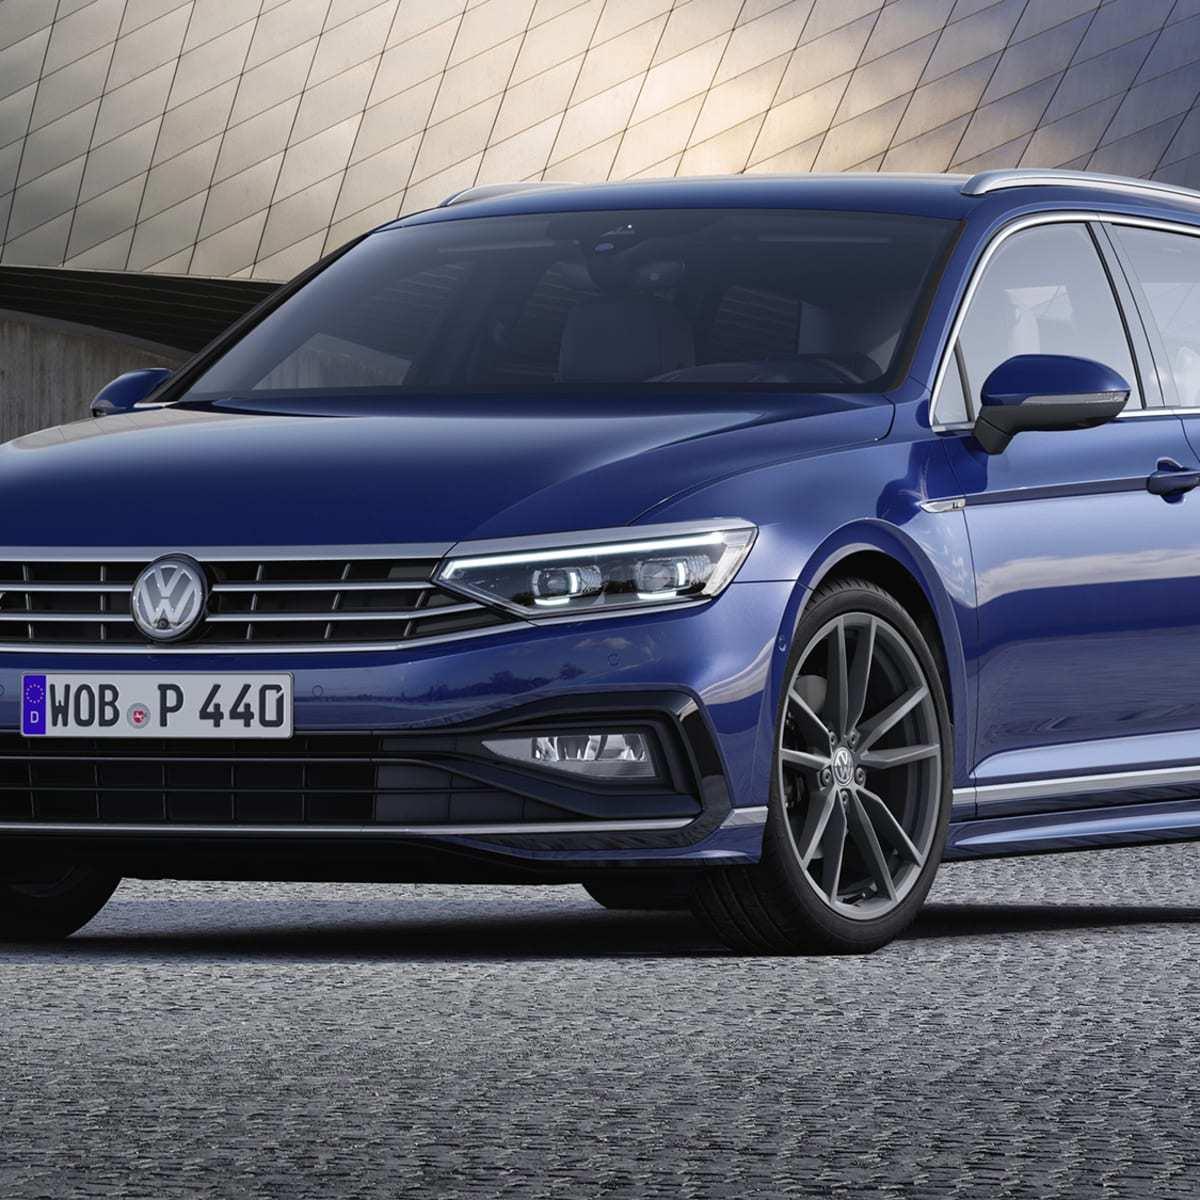 27 All New 2020 Volkswagen Passat Wagon Pricing for 2020 Volkswagen Passat Wagon